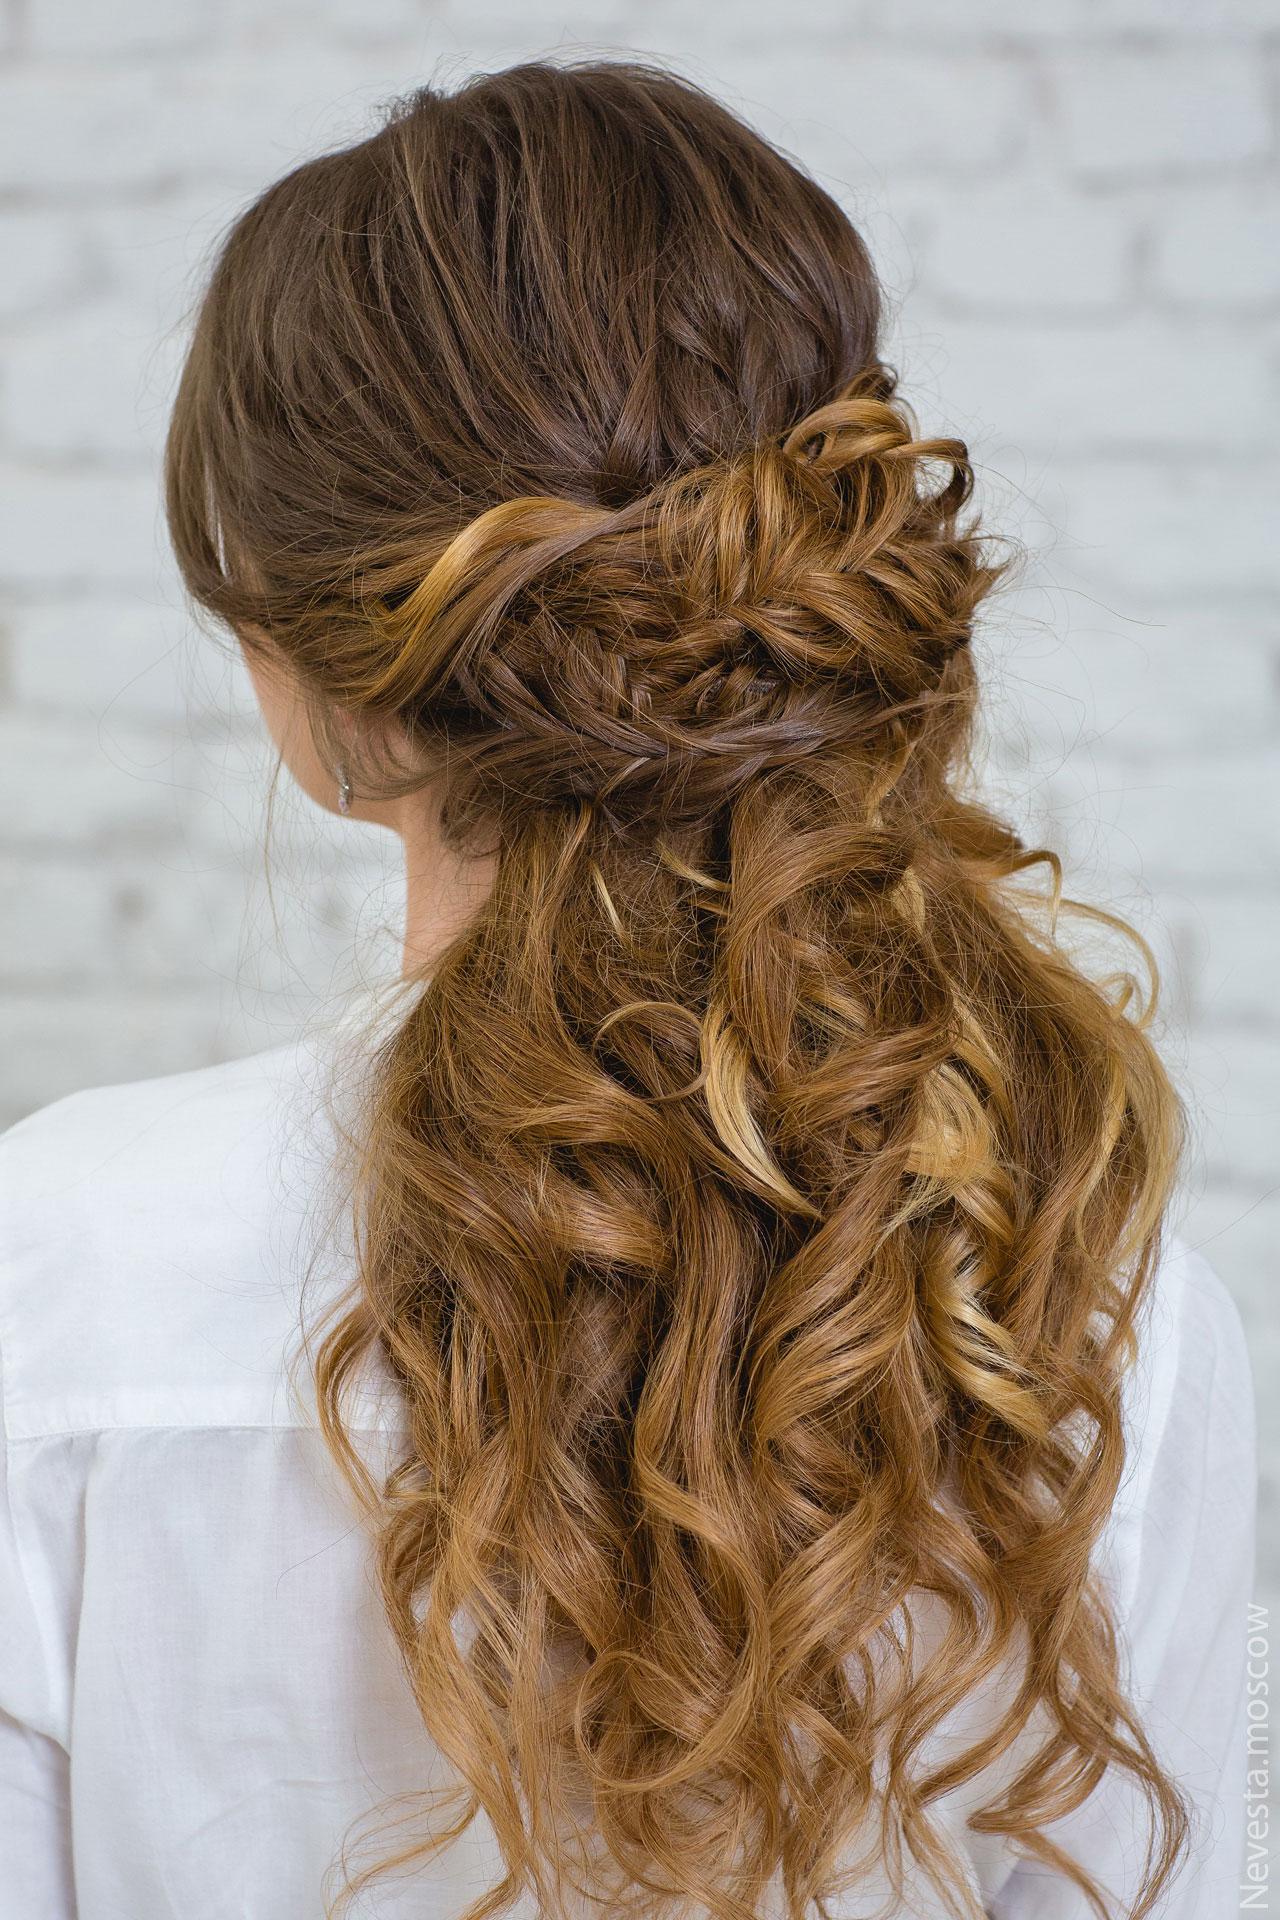 макияж для невесты свадебный образ фото 6